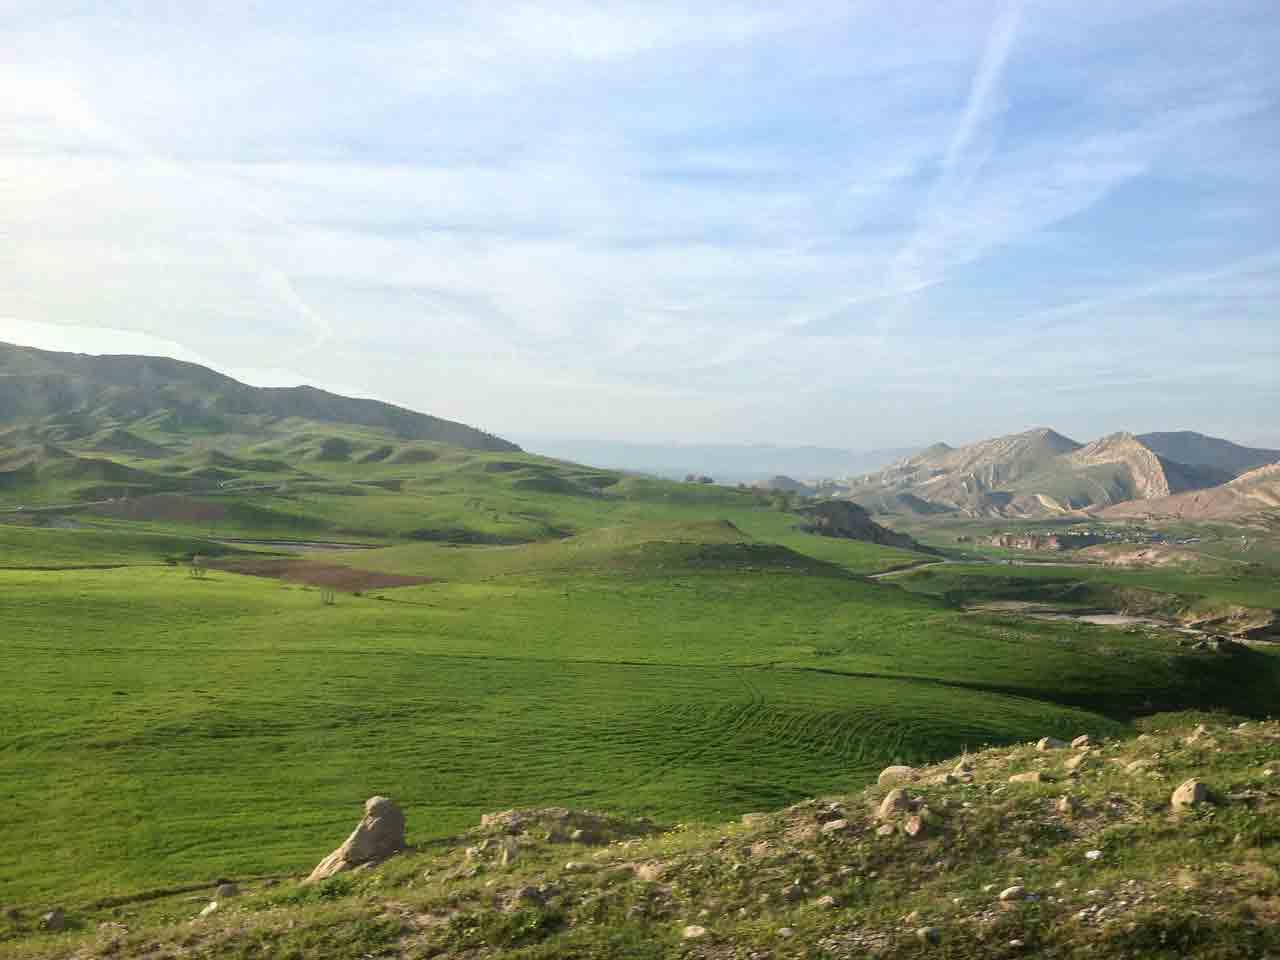 Kurdistan Iraq rolling hills